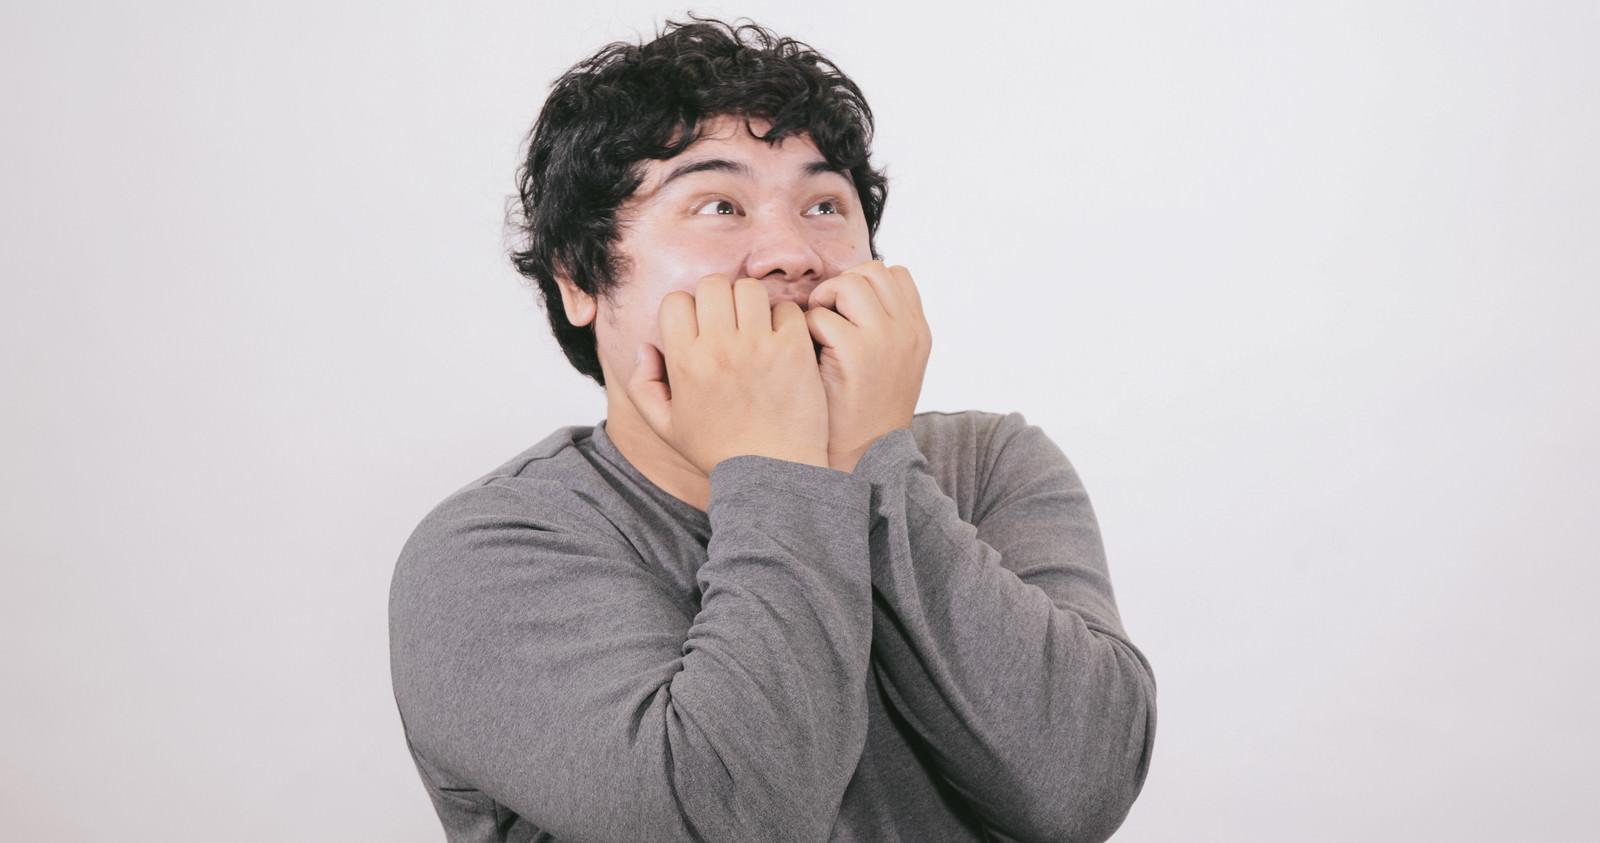 「何かを見てワクワクが止らない肥満」[モデル:段田隼人]